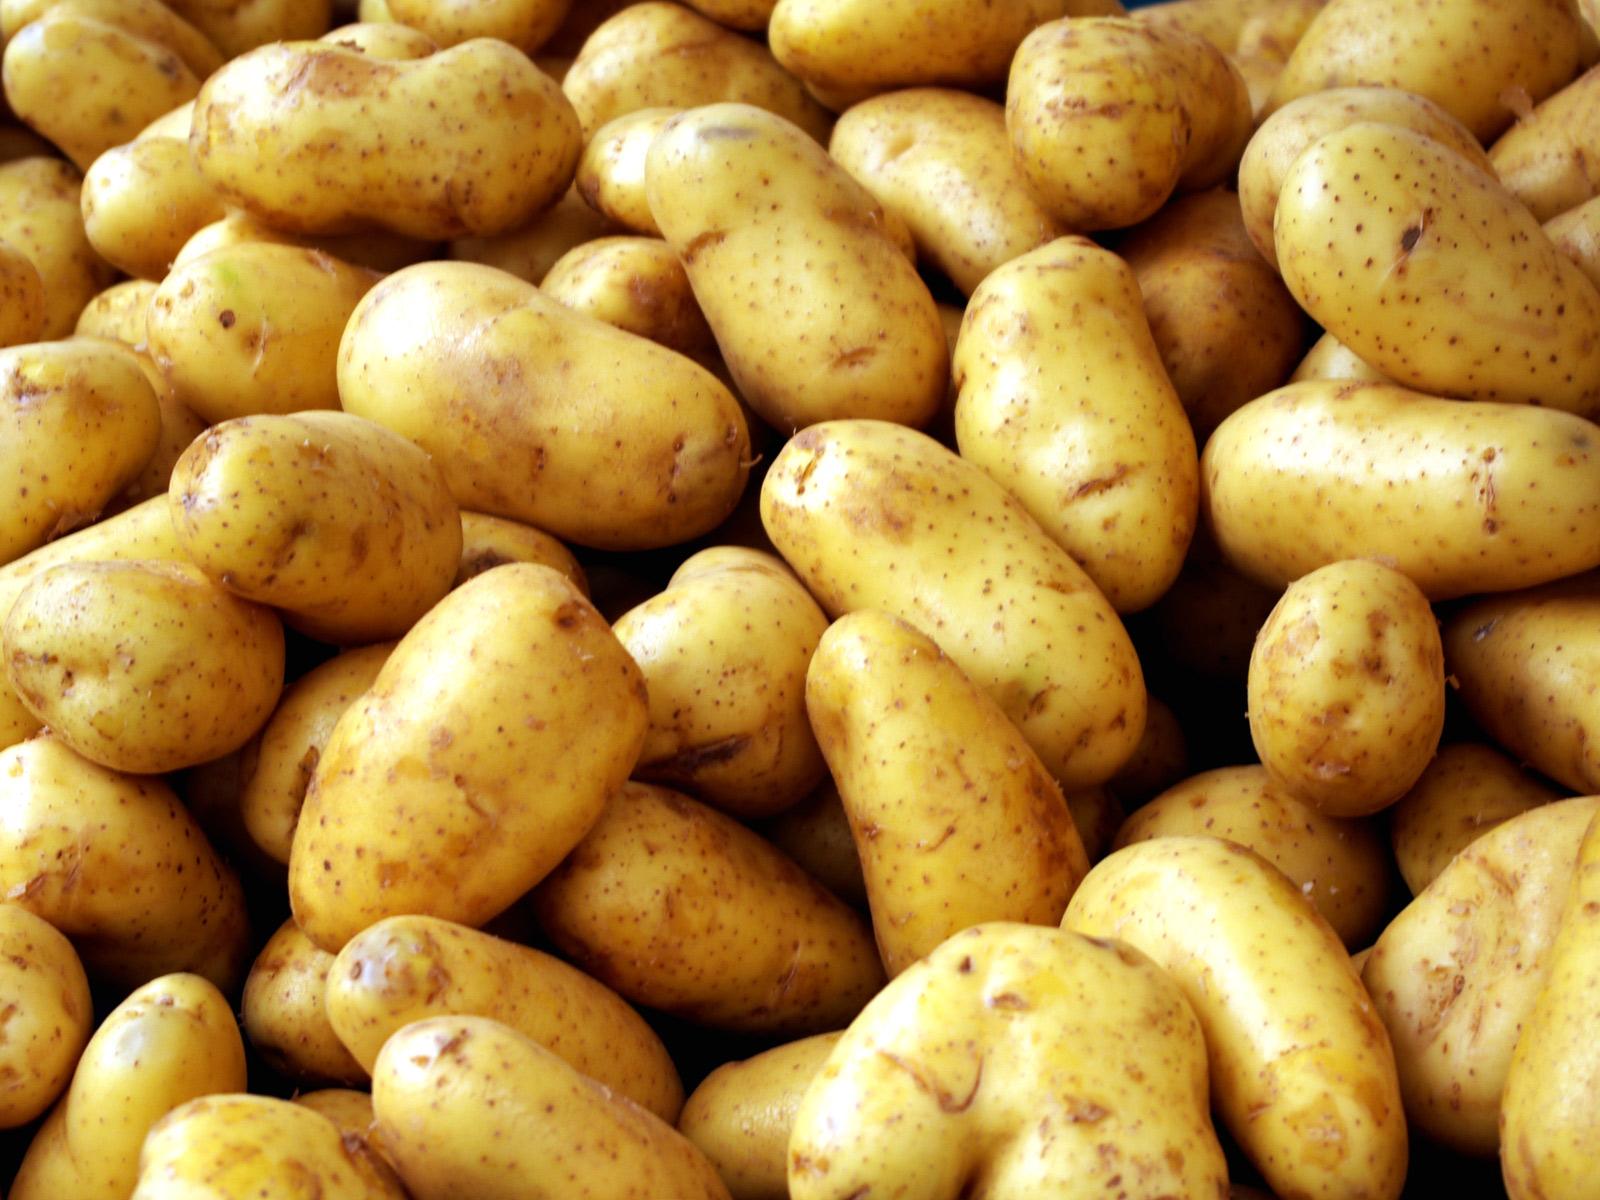 Arti i marrëdhënieve publike në kohën e bollëkut të patates